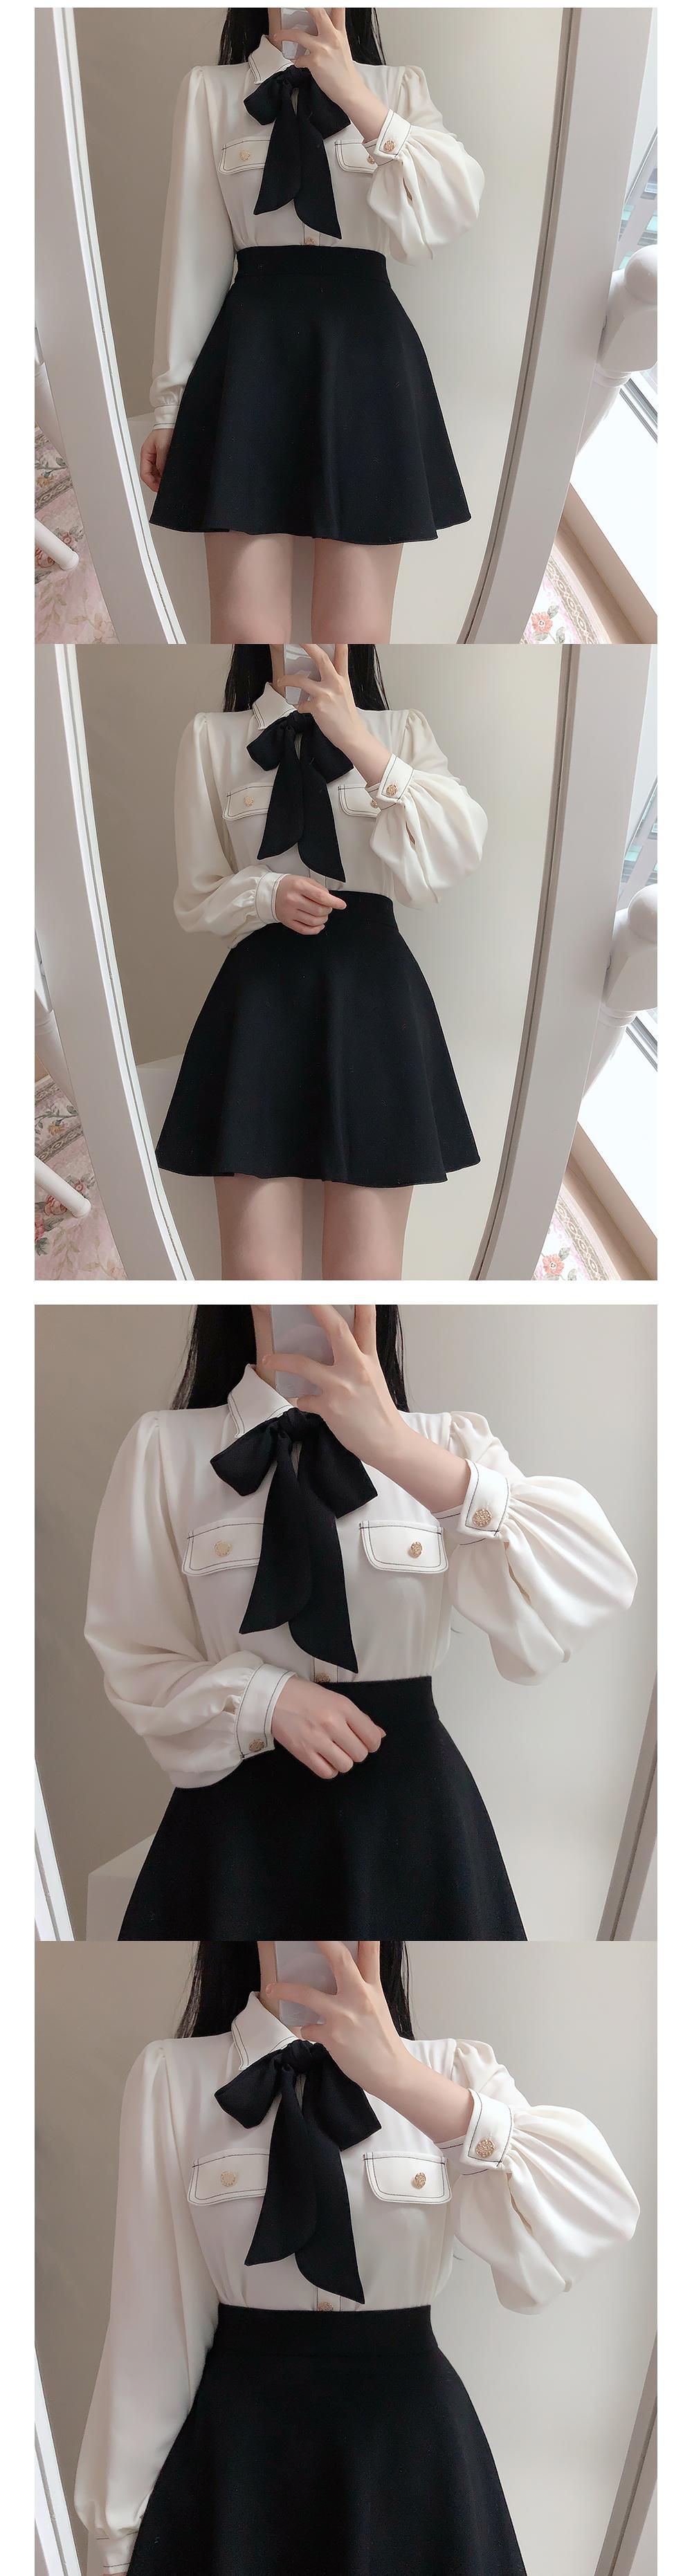 skirt detail image-S1L7